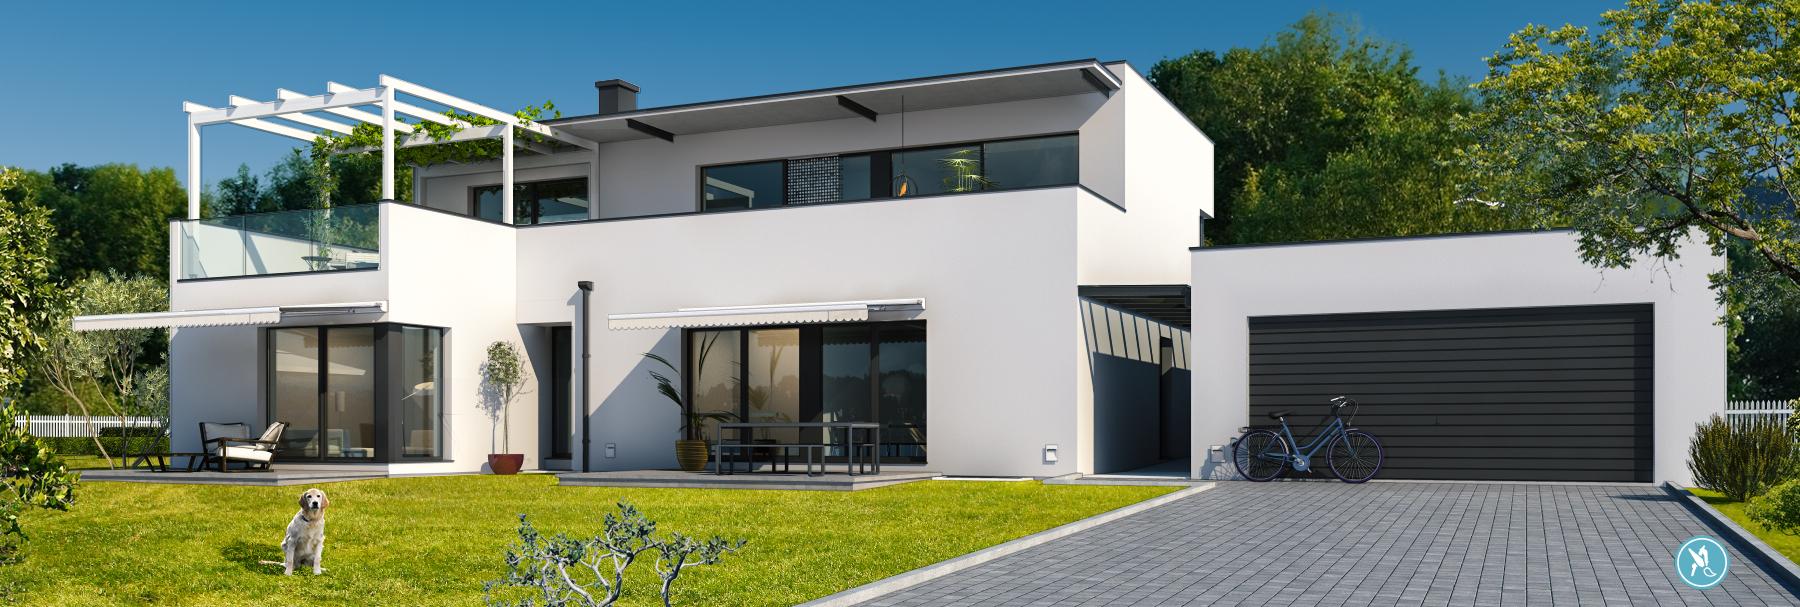 unitedbuildings kundenbericht familie hartmann united buildings. Black Bedroom Furniture Sets. Home Design Ideas